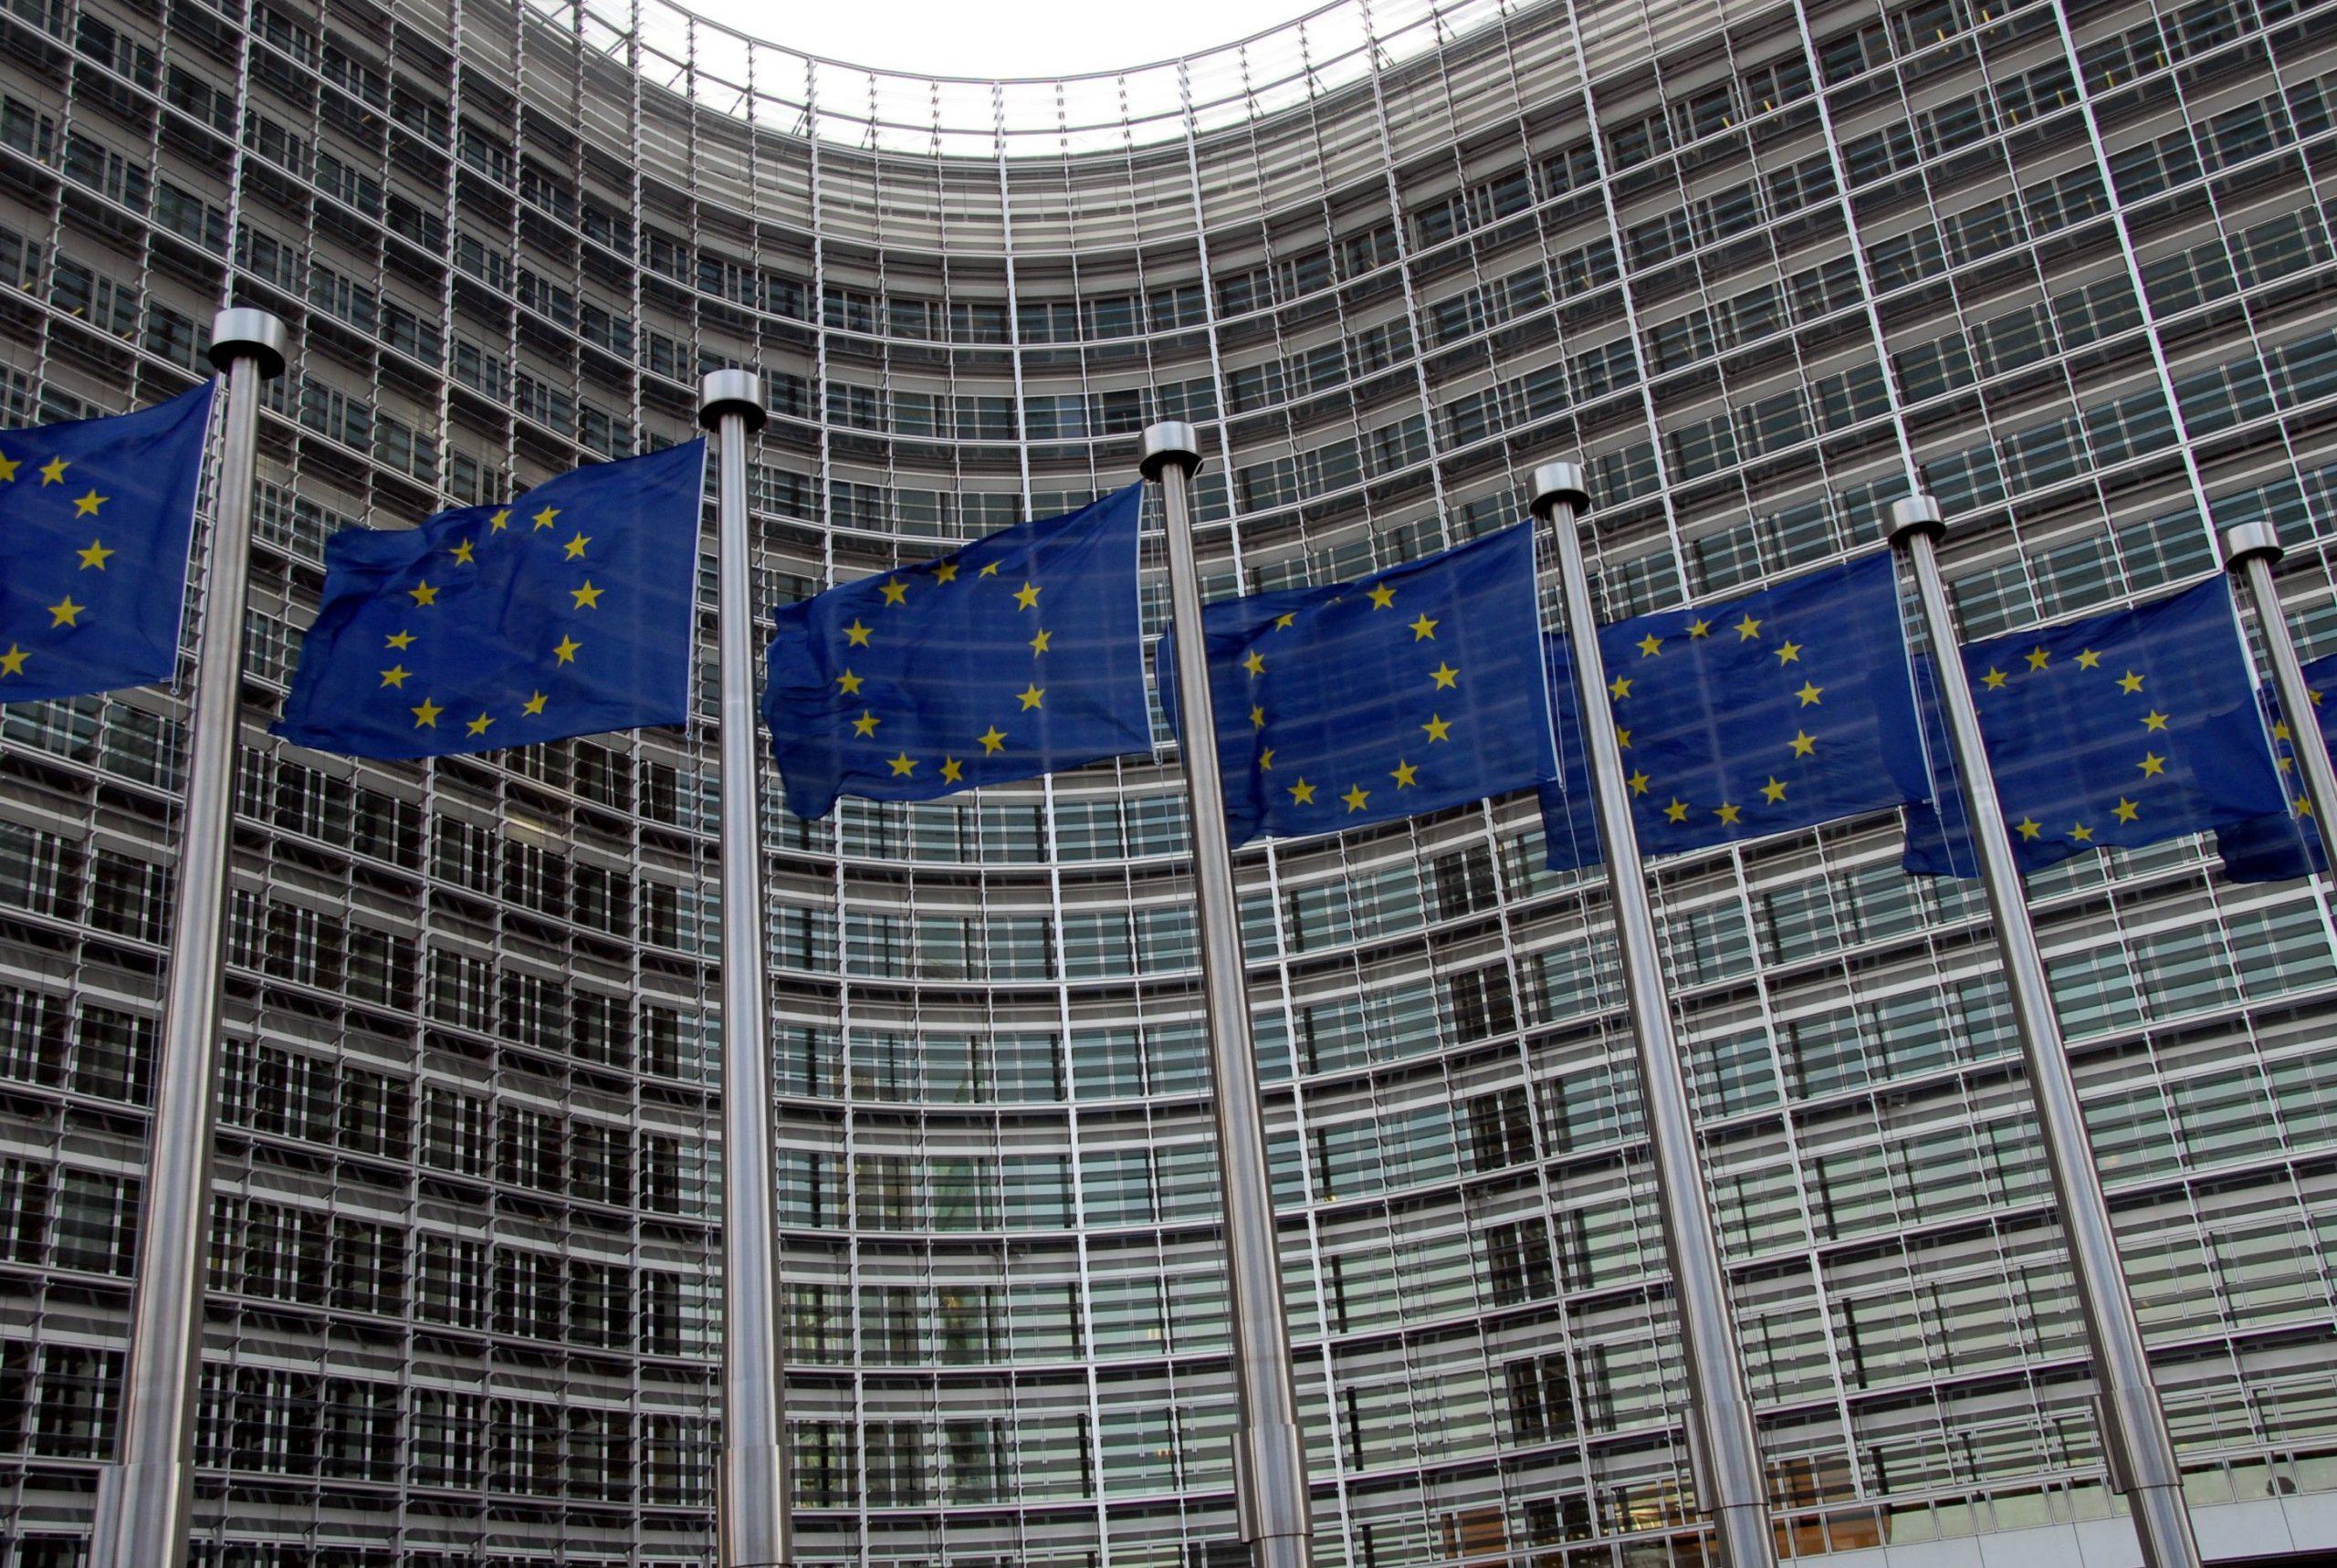 Komisja Europejska: Innowacje i proste prawo – receptą na kryzys przemysłowy